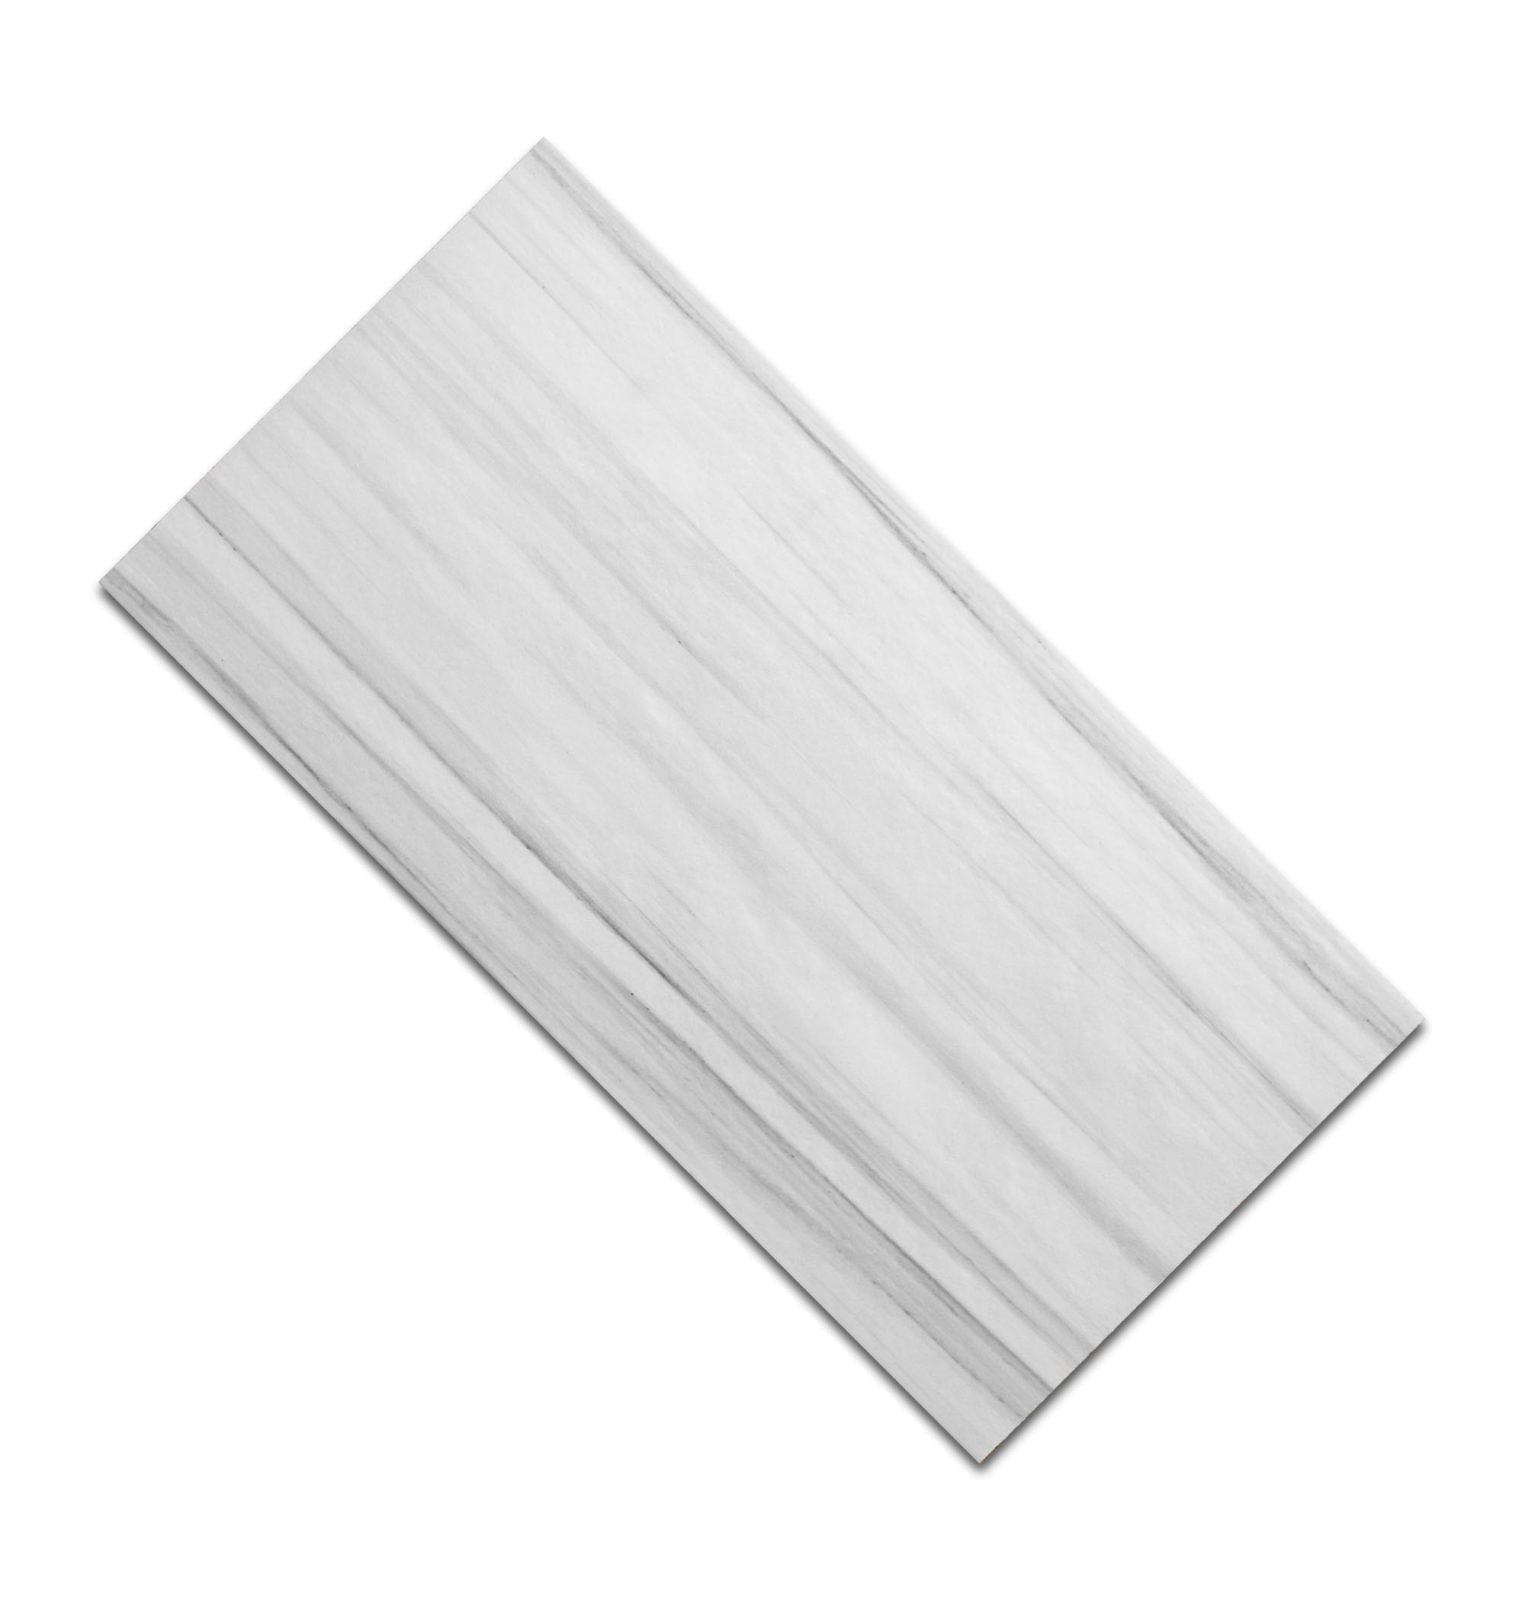 Interceramic Contour Zebrino Ceramic Tile 12 X 24